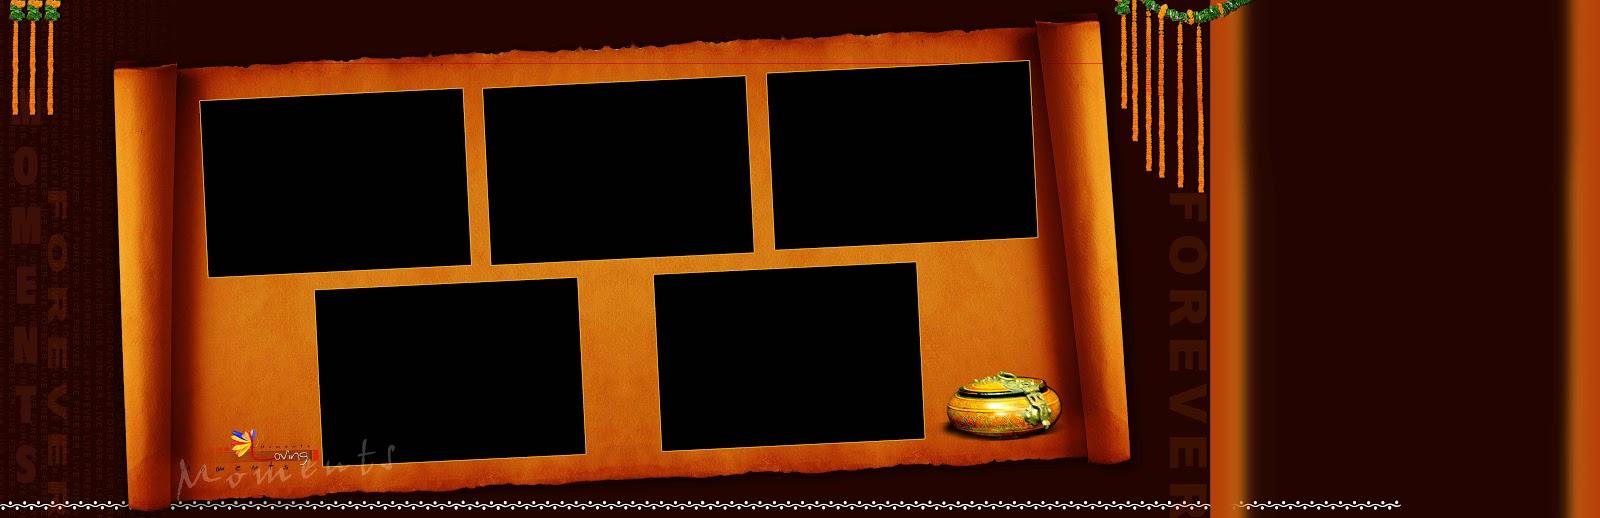 psd photos frame templates download